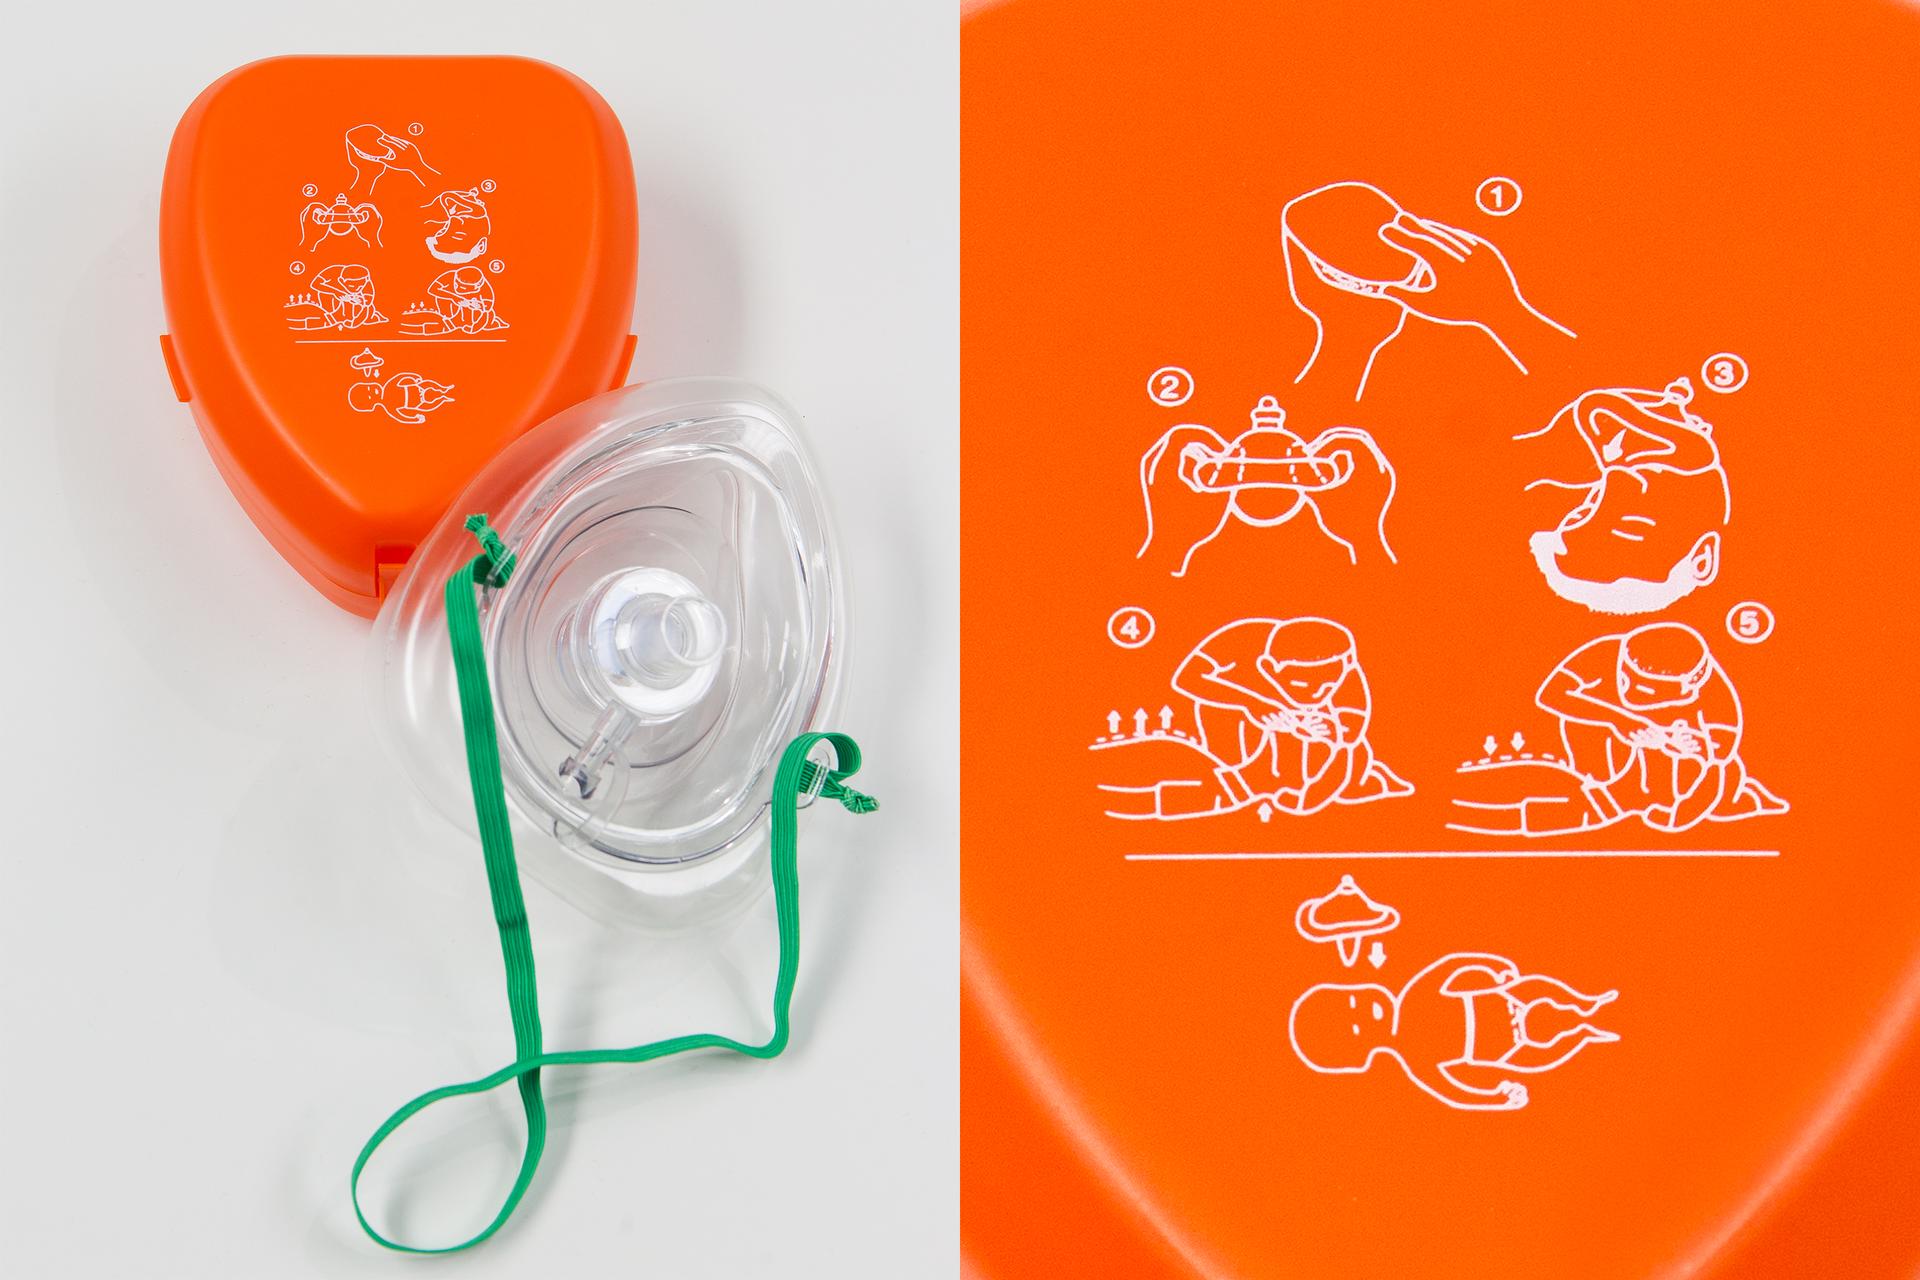 Galeria 1 składa się zdwóch zdjęć podstawowych środków ochrony osobistej przy prowadzeniu oddechów ratowniczych. Zdjęcie po prawej przedstawia zaawansowany środek ochrony osobistej. To maska twarzowa. Plastikowa przeźroczysta maska nakładana na usta inos poszkodowanego wtrakcie wykonywania oddechów ratowniczych. Maska ma kształt piramidy zustnikiem na górze. Powyżej maski plastikowe opakowanie wformie pudełka.